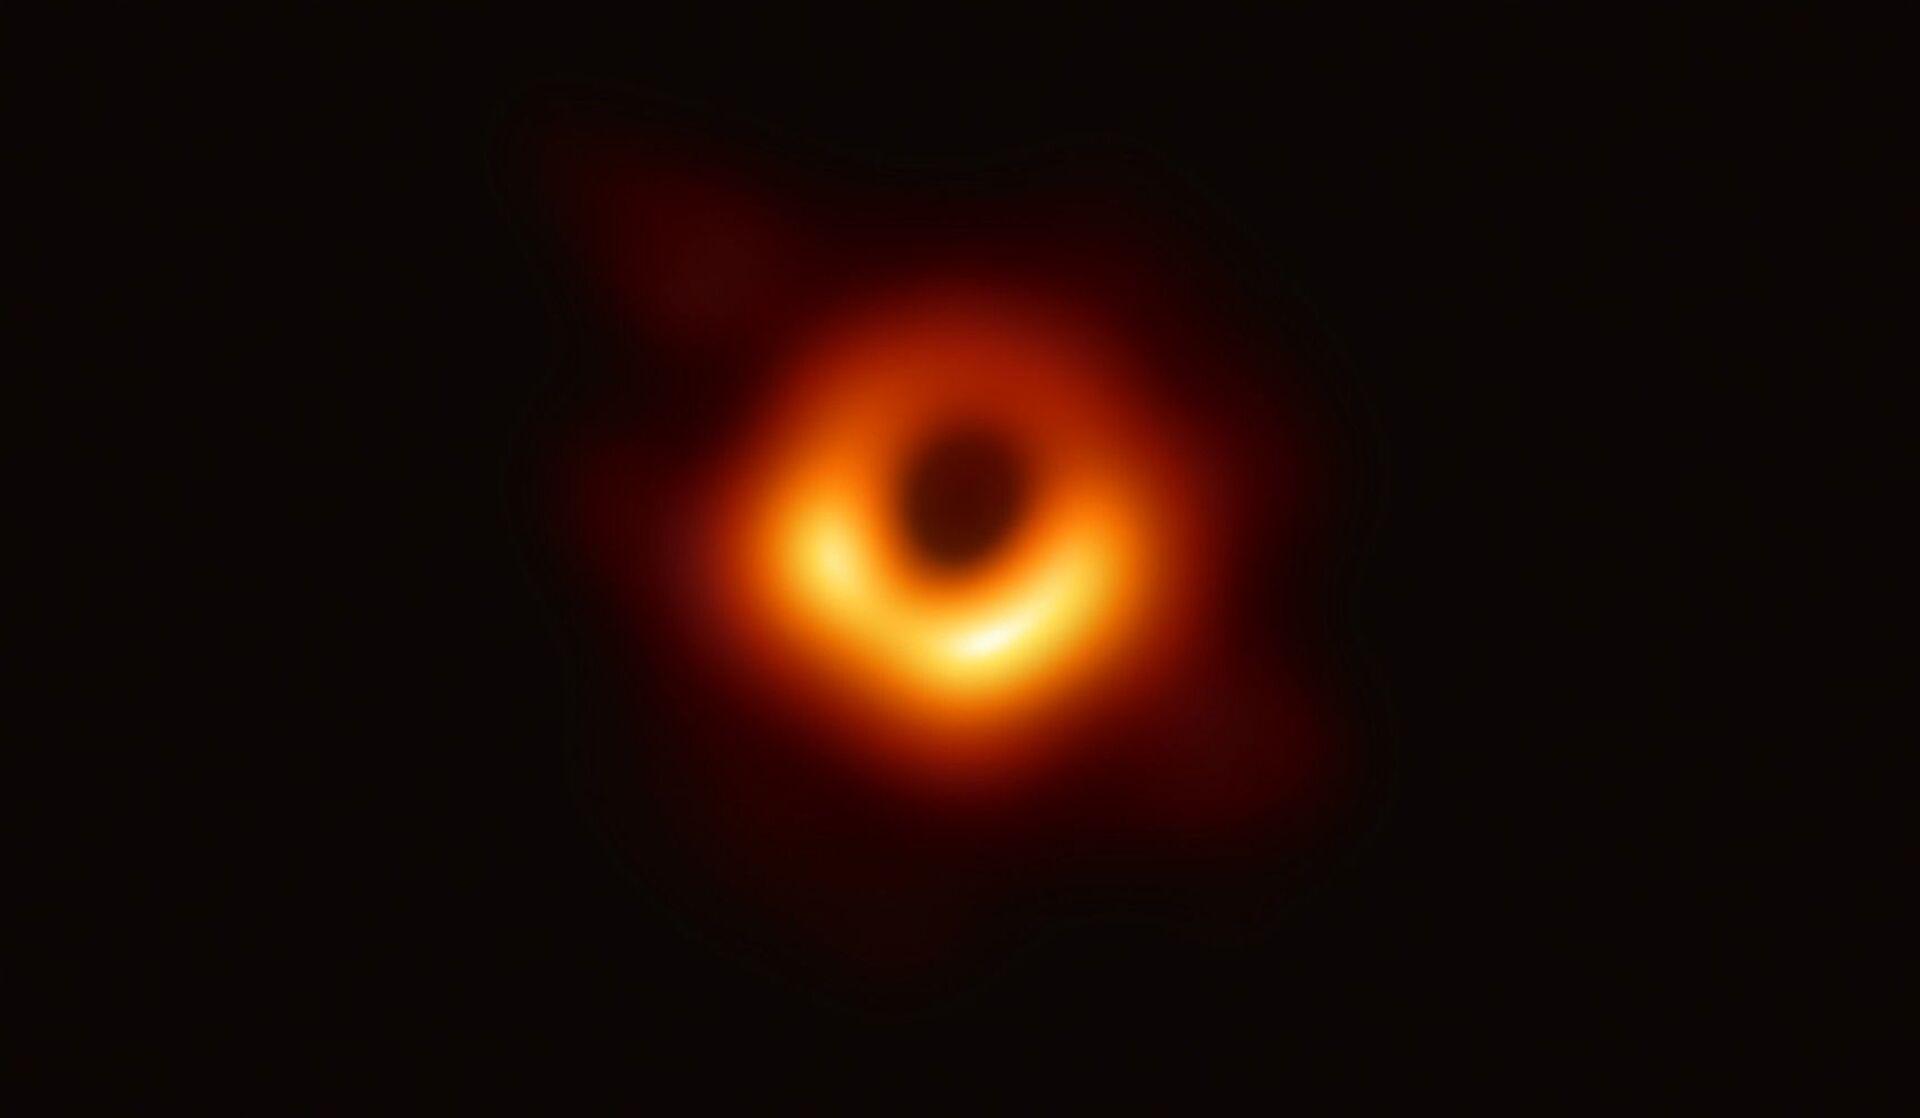 Scienziati pubblicano la sbalorditiva immagine di un buco nero supermassiccio - Sputnik Italia, 1920, 25.03.2021